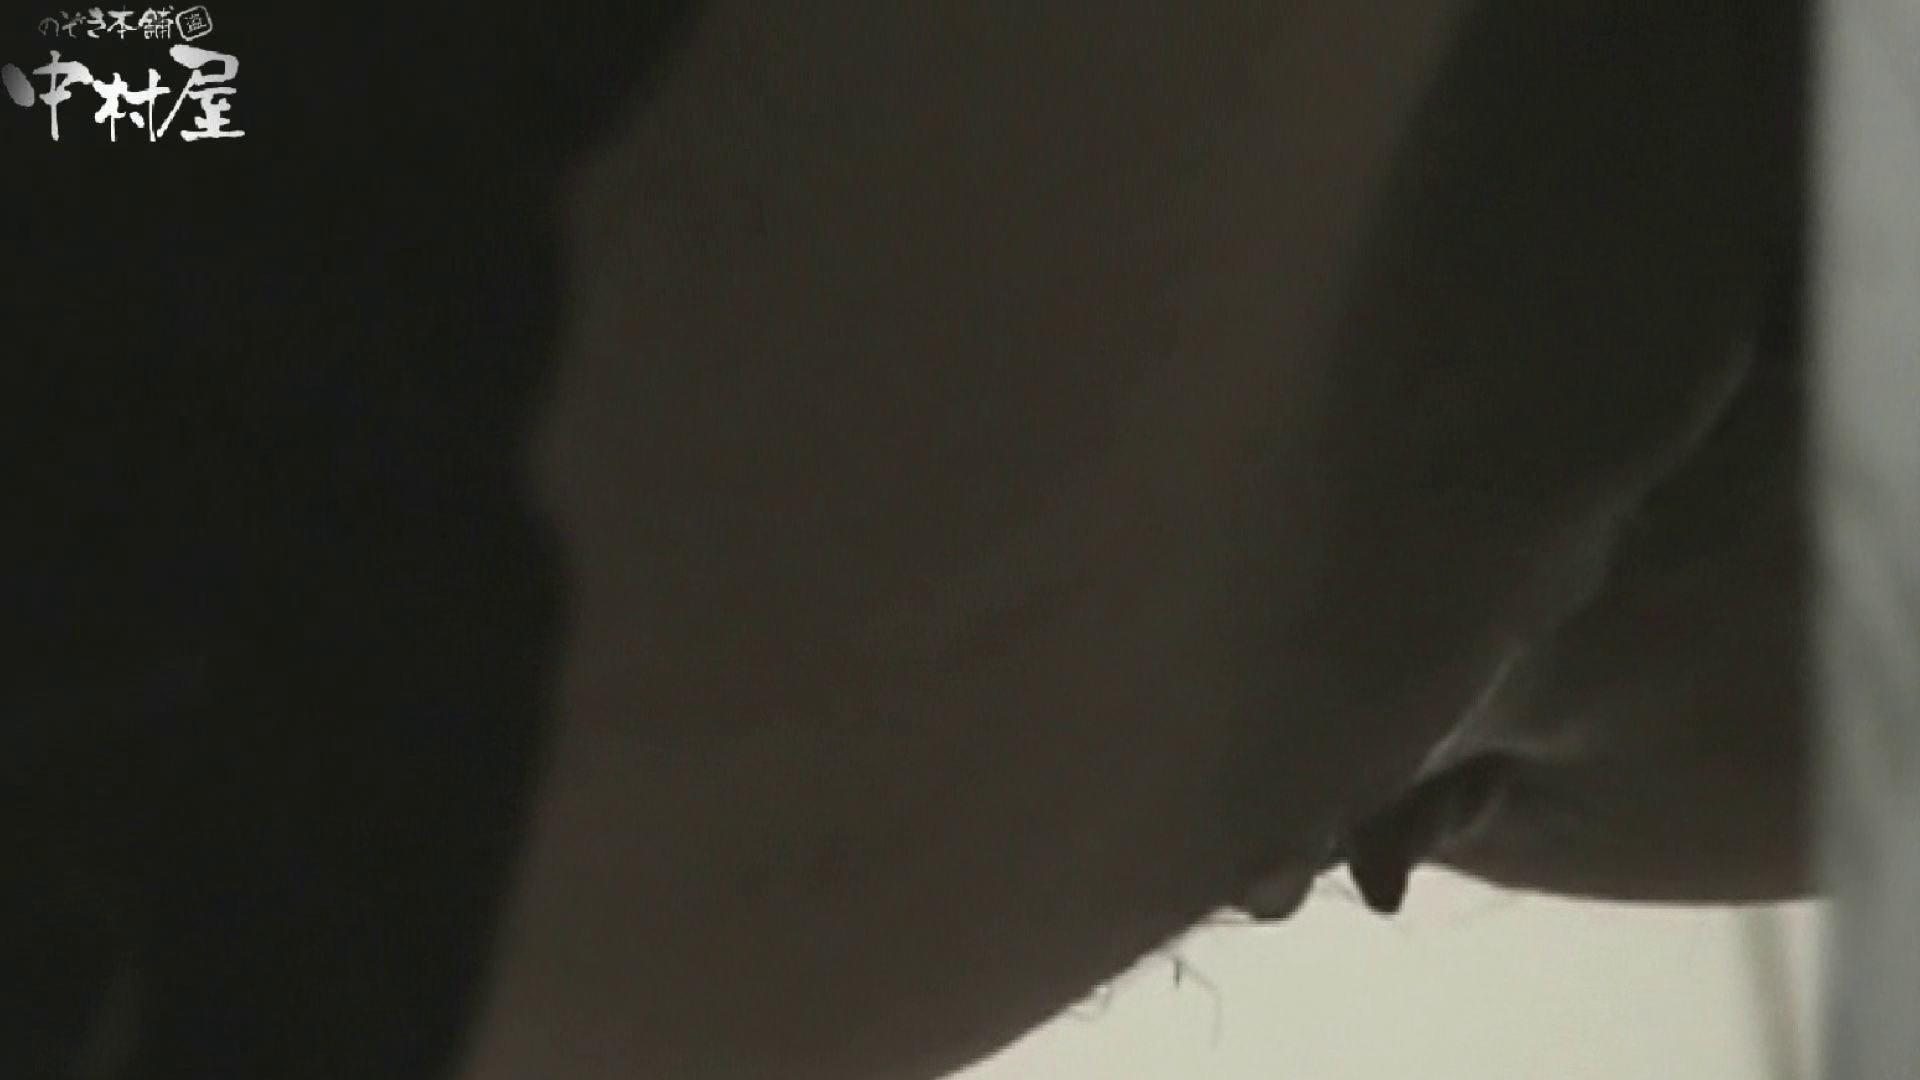 解禁!海の家4カメ洗面所vol.19 ギャルのエロ動画 | 人気シリーズ  91PIX 55